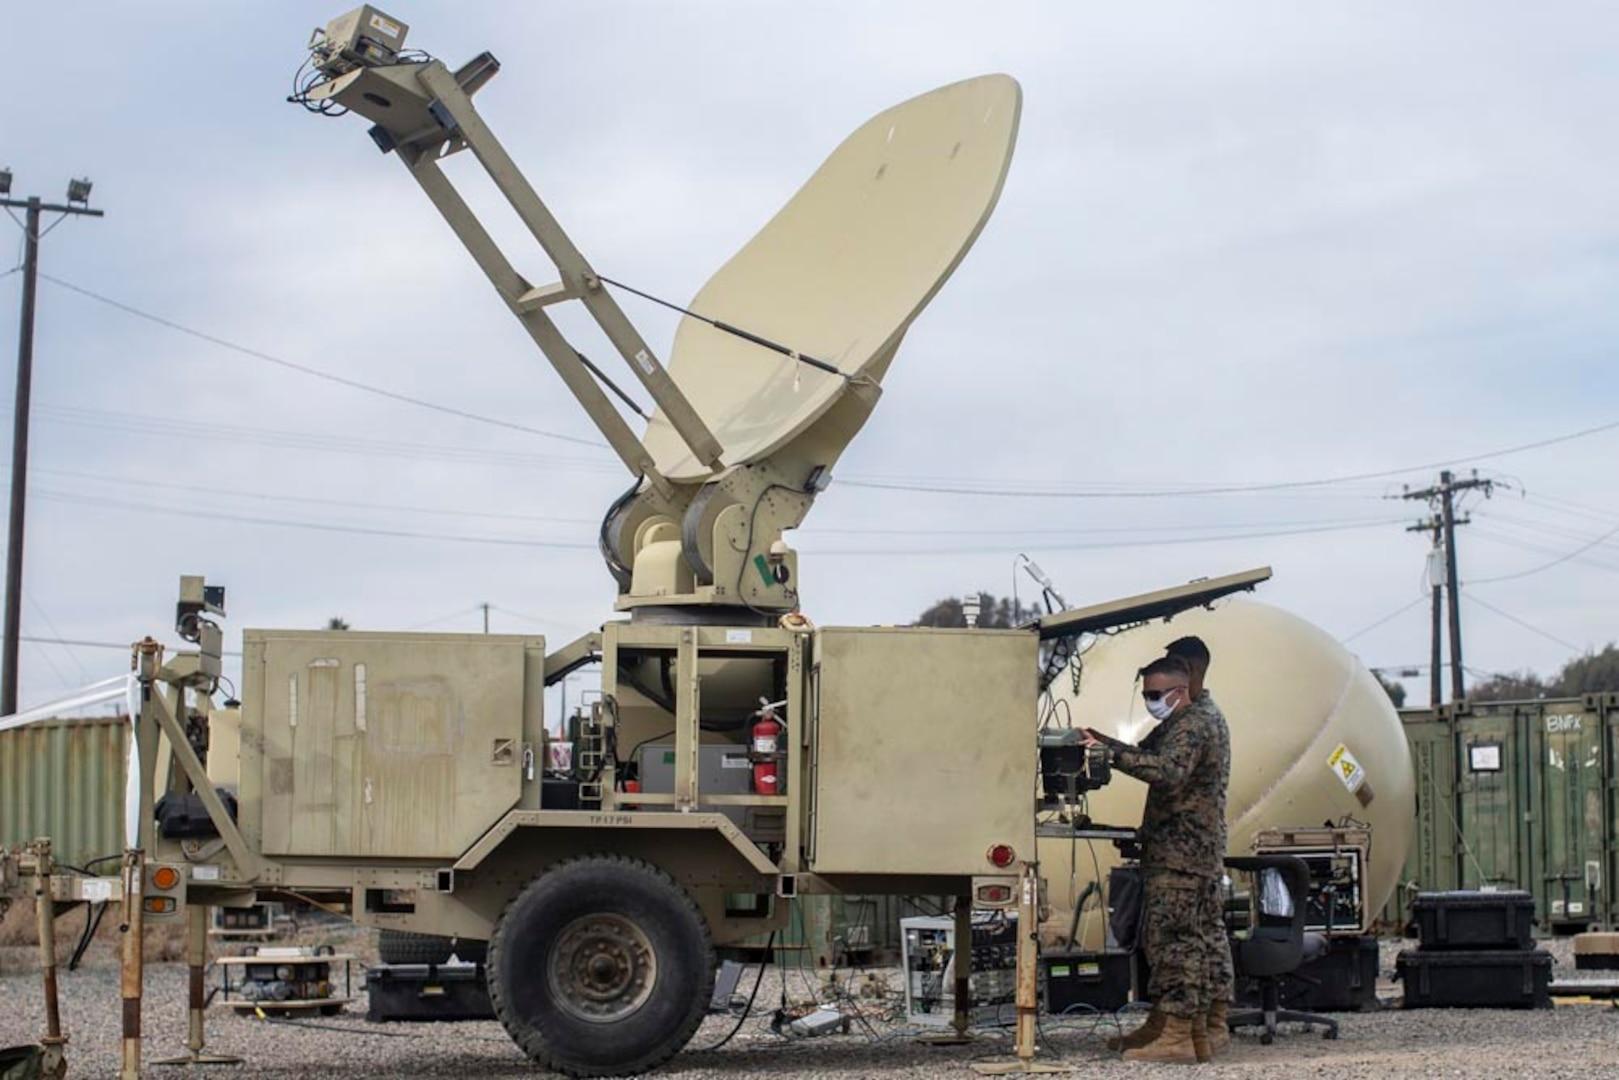 Marines work on satellite gear.